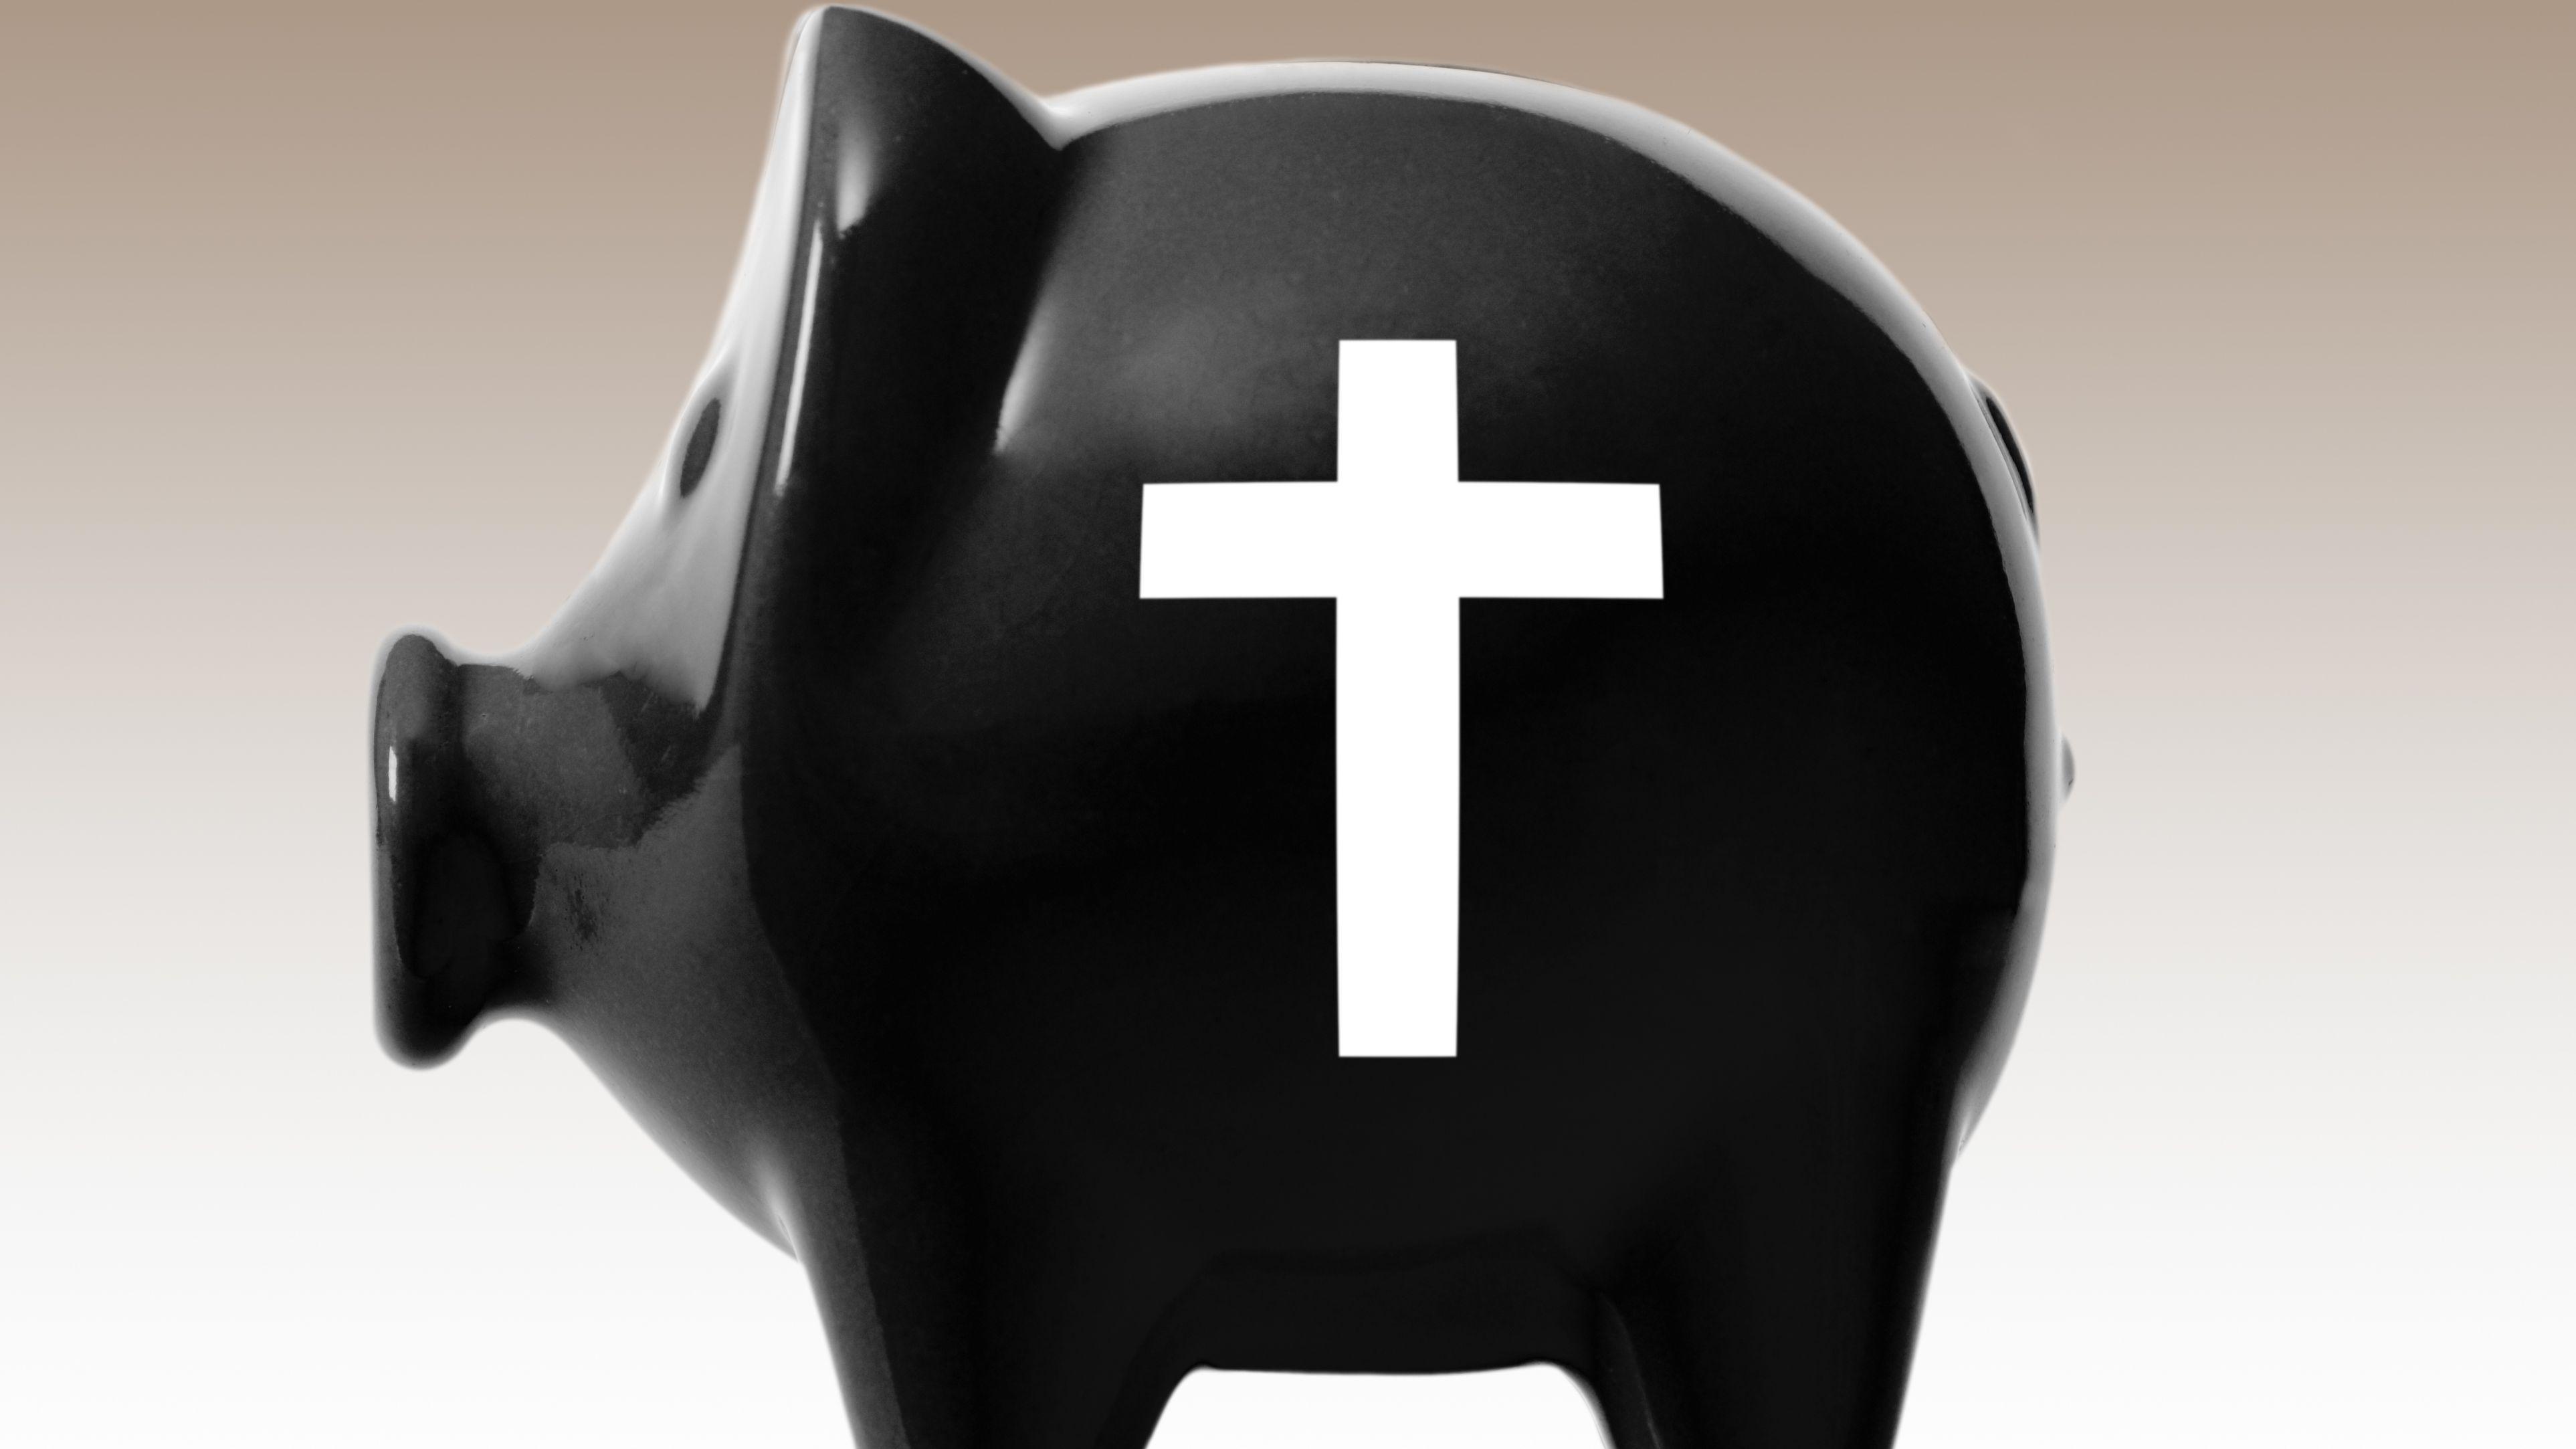 schwarzes Sparschwein mit weißem Kreuz